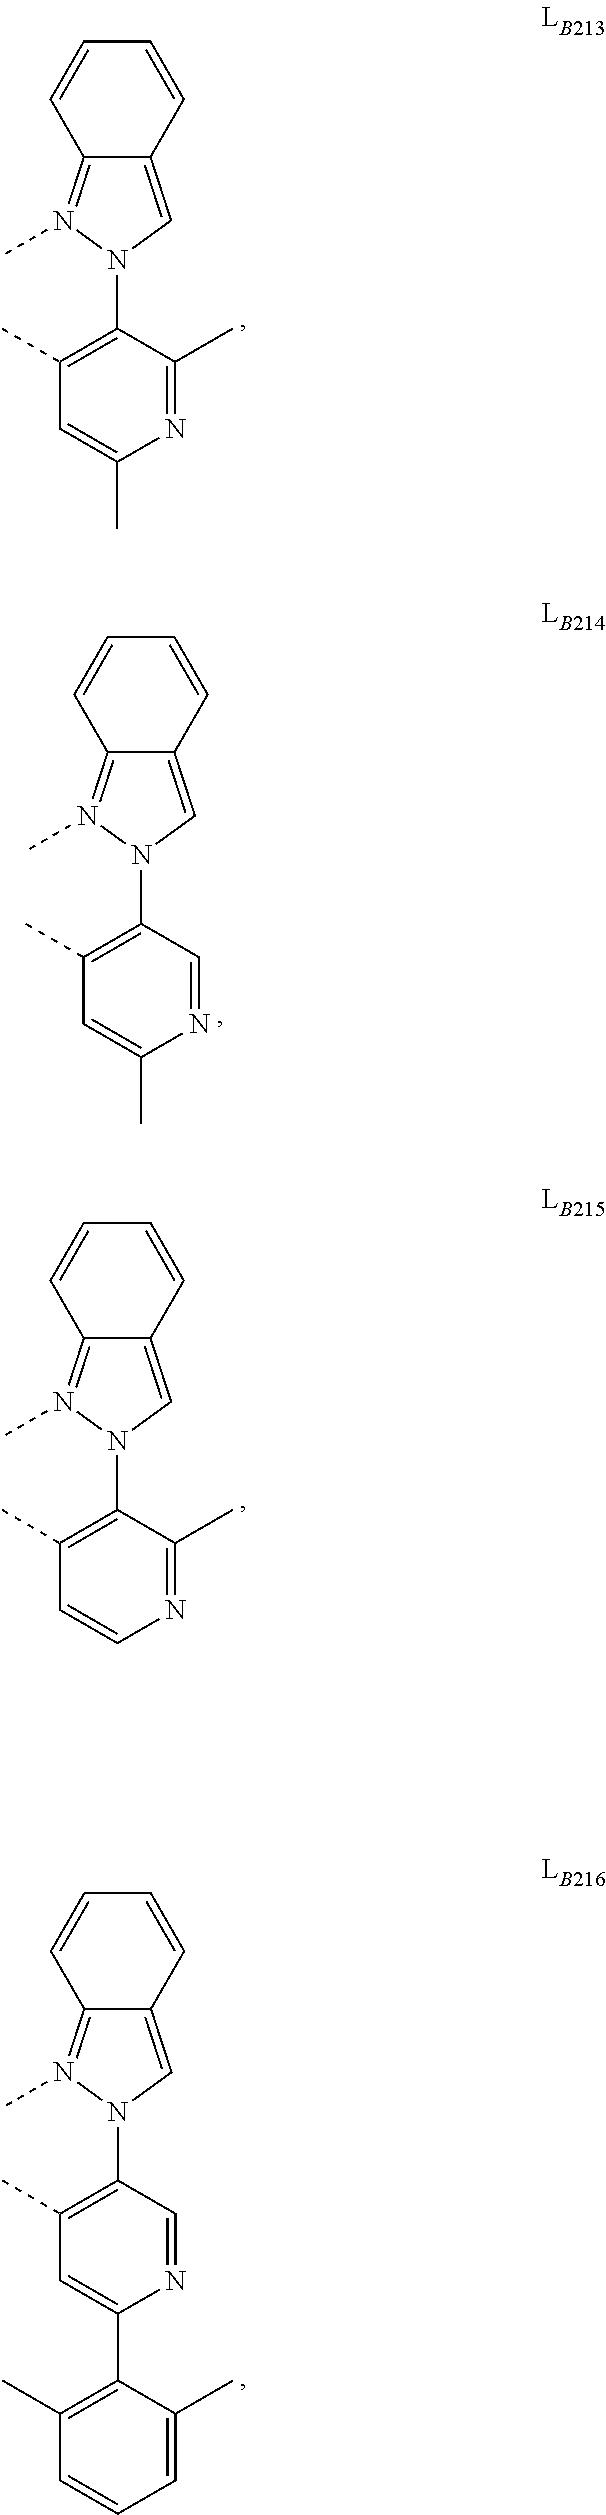 Figure US09905785-20180227-C00152